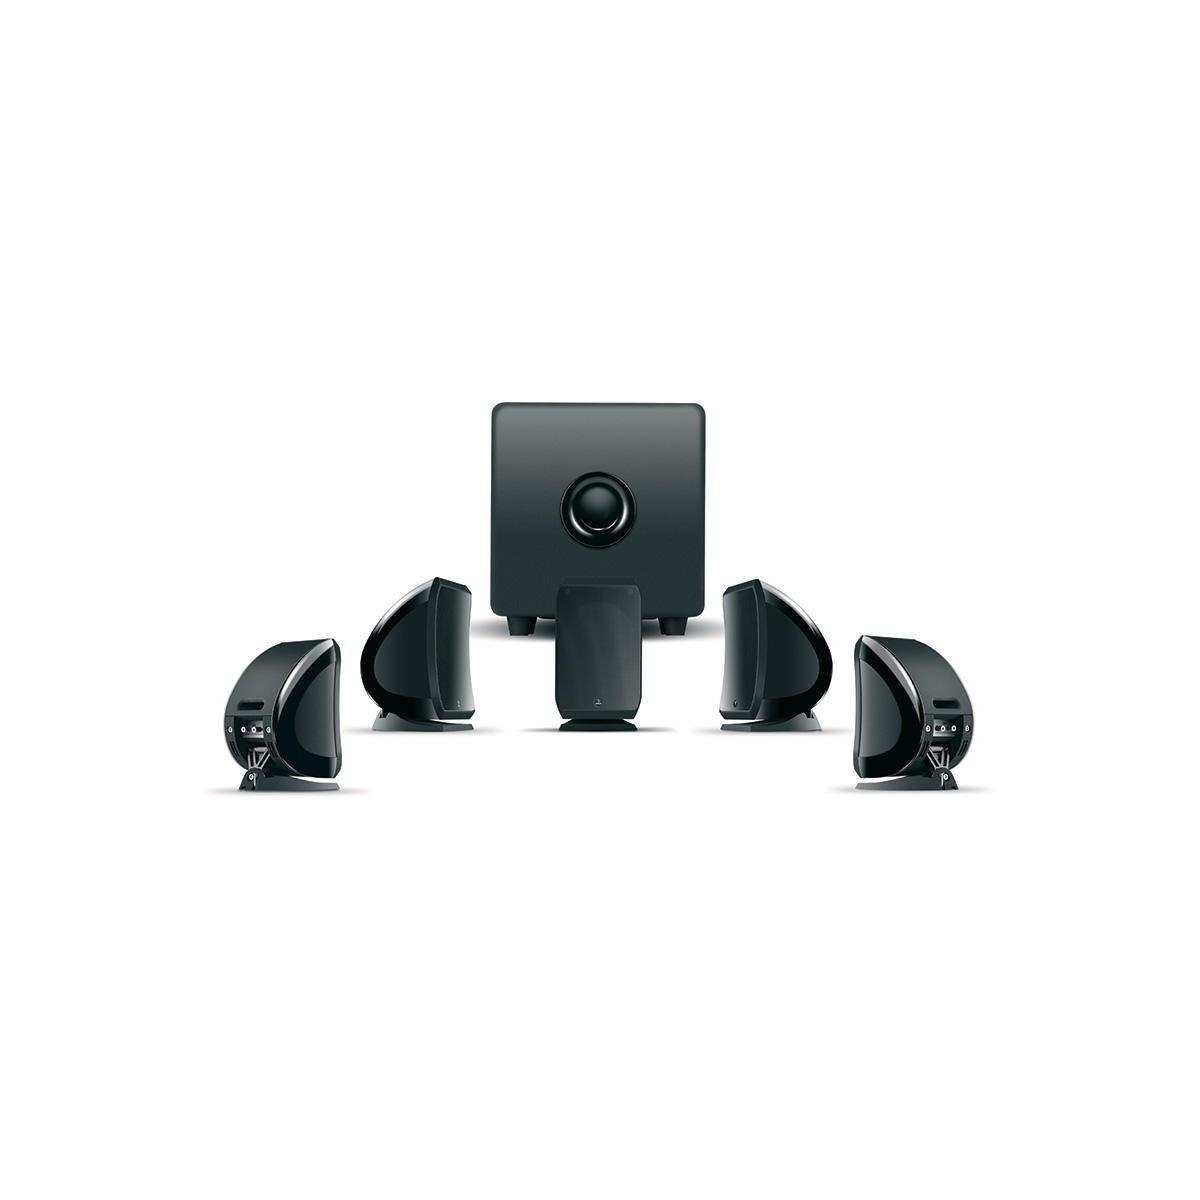 Lautsprecherset SIB 5.1 (CUB3) JET BLACK